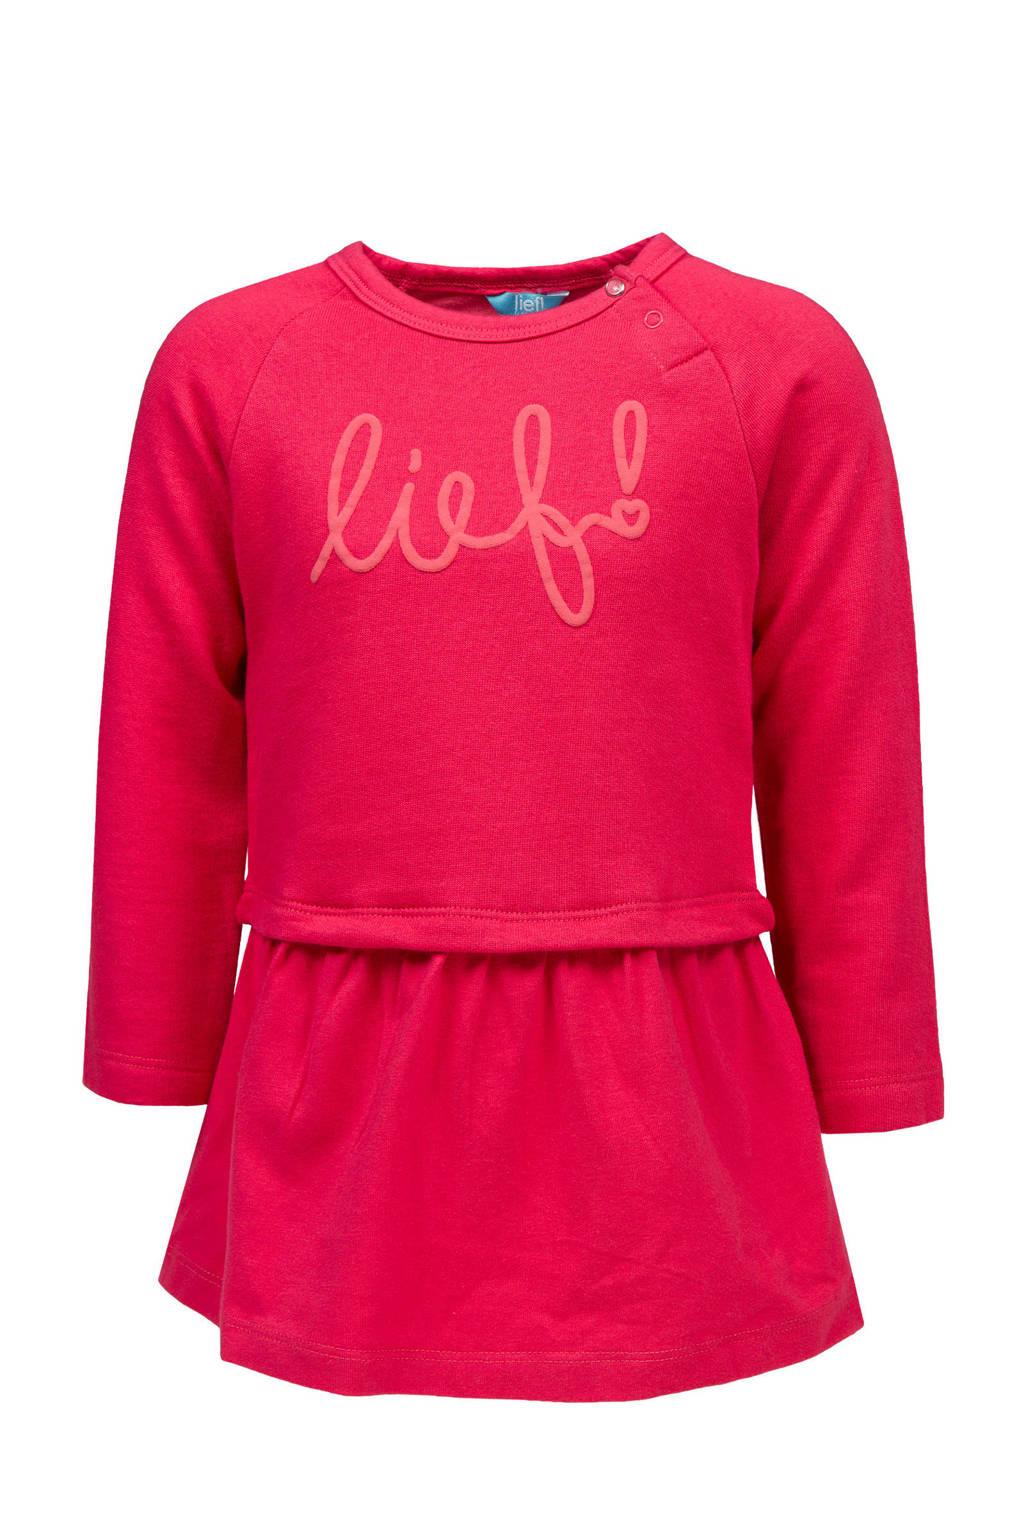 lief! sweatjurk met logo roze, Roze